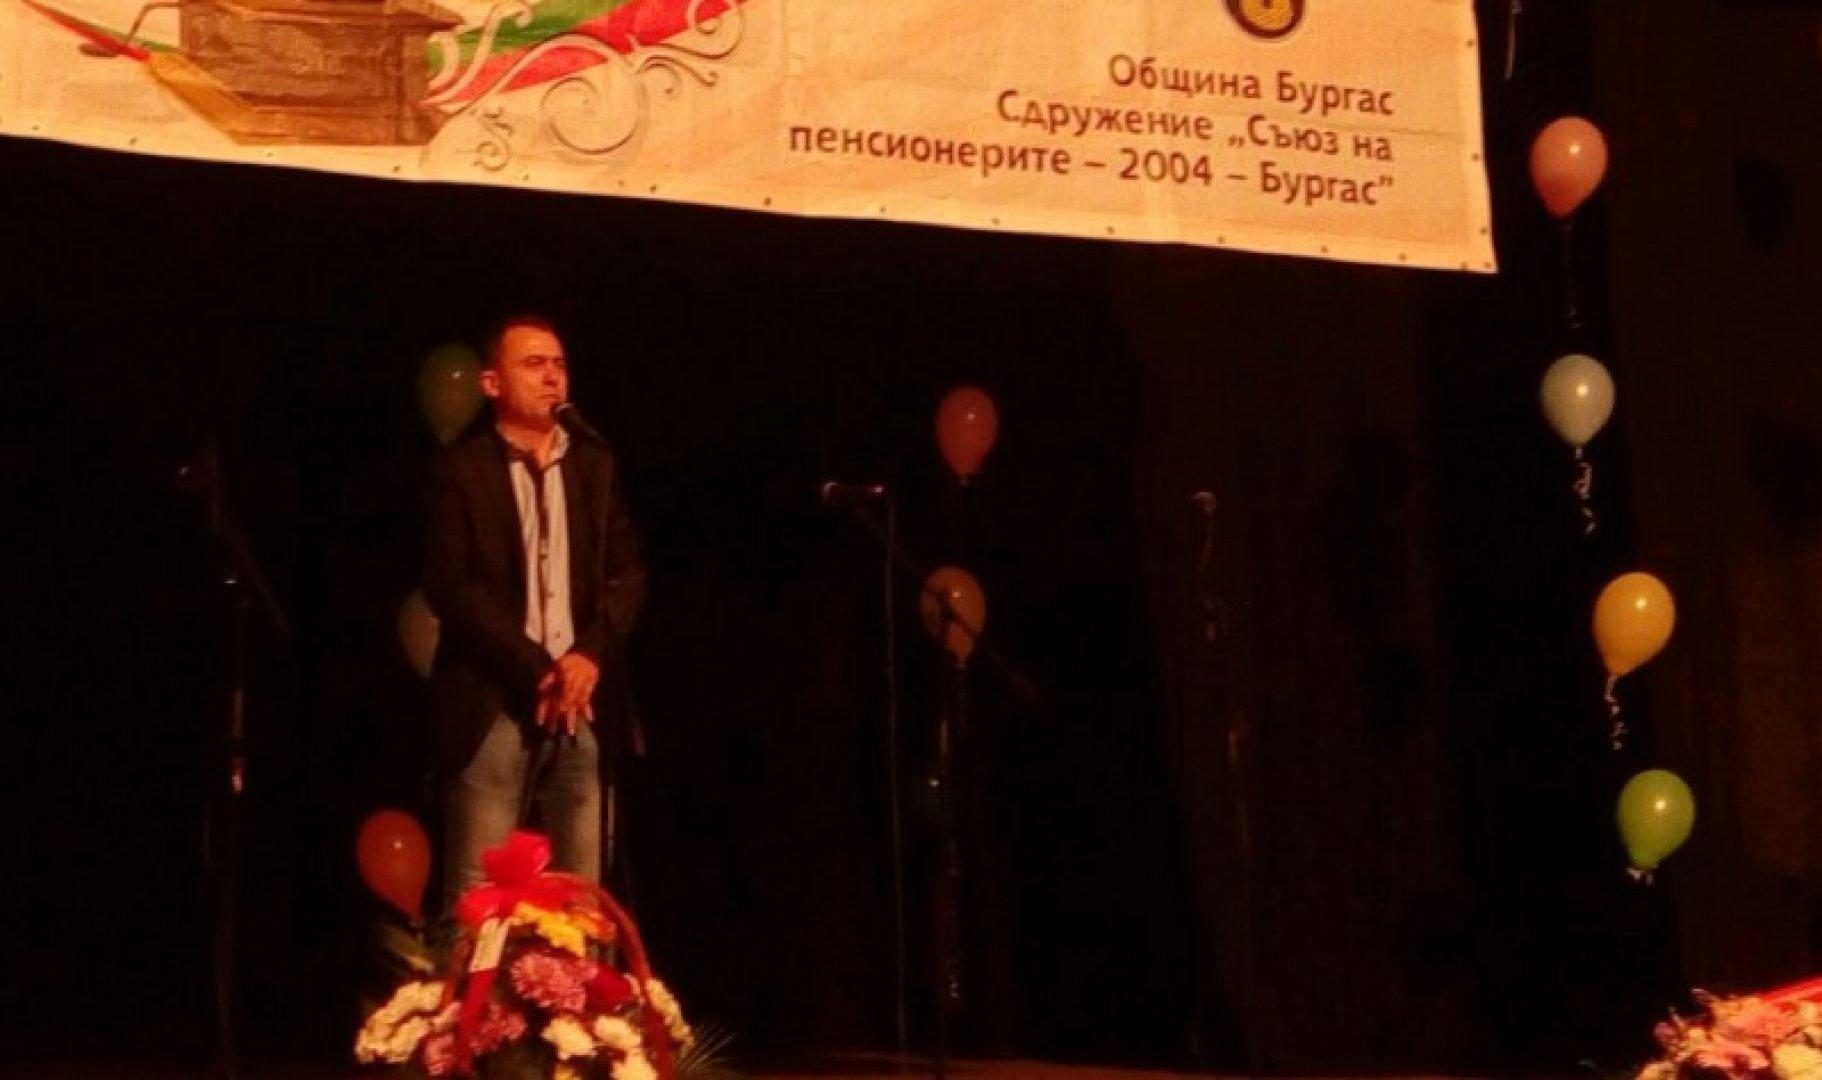 Председателят на тракийско дружество Странджа Стефан Колев поздрави участниците във фестивала